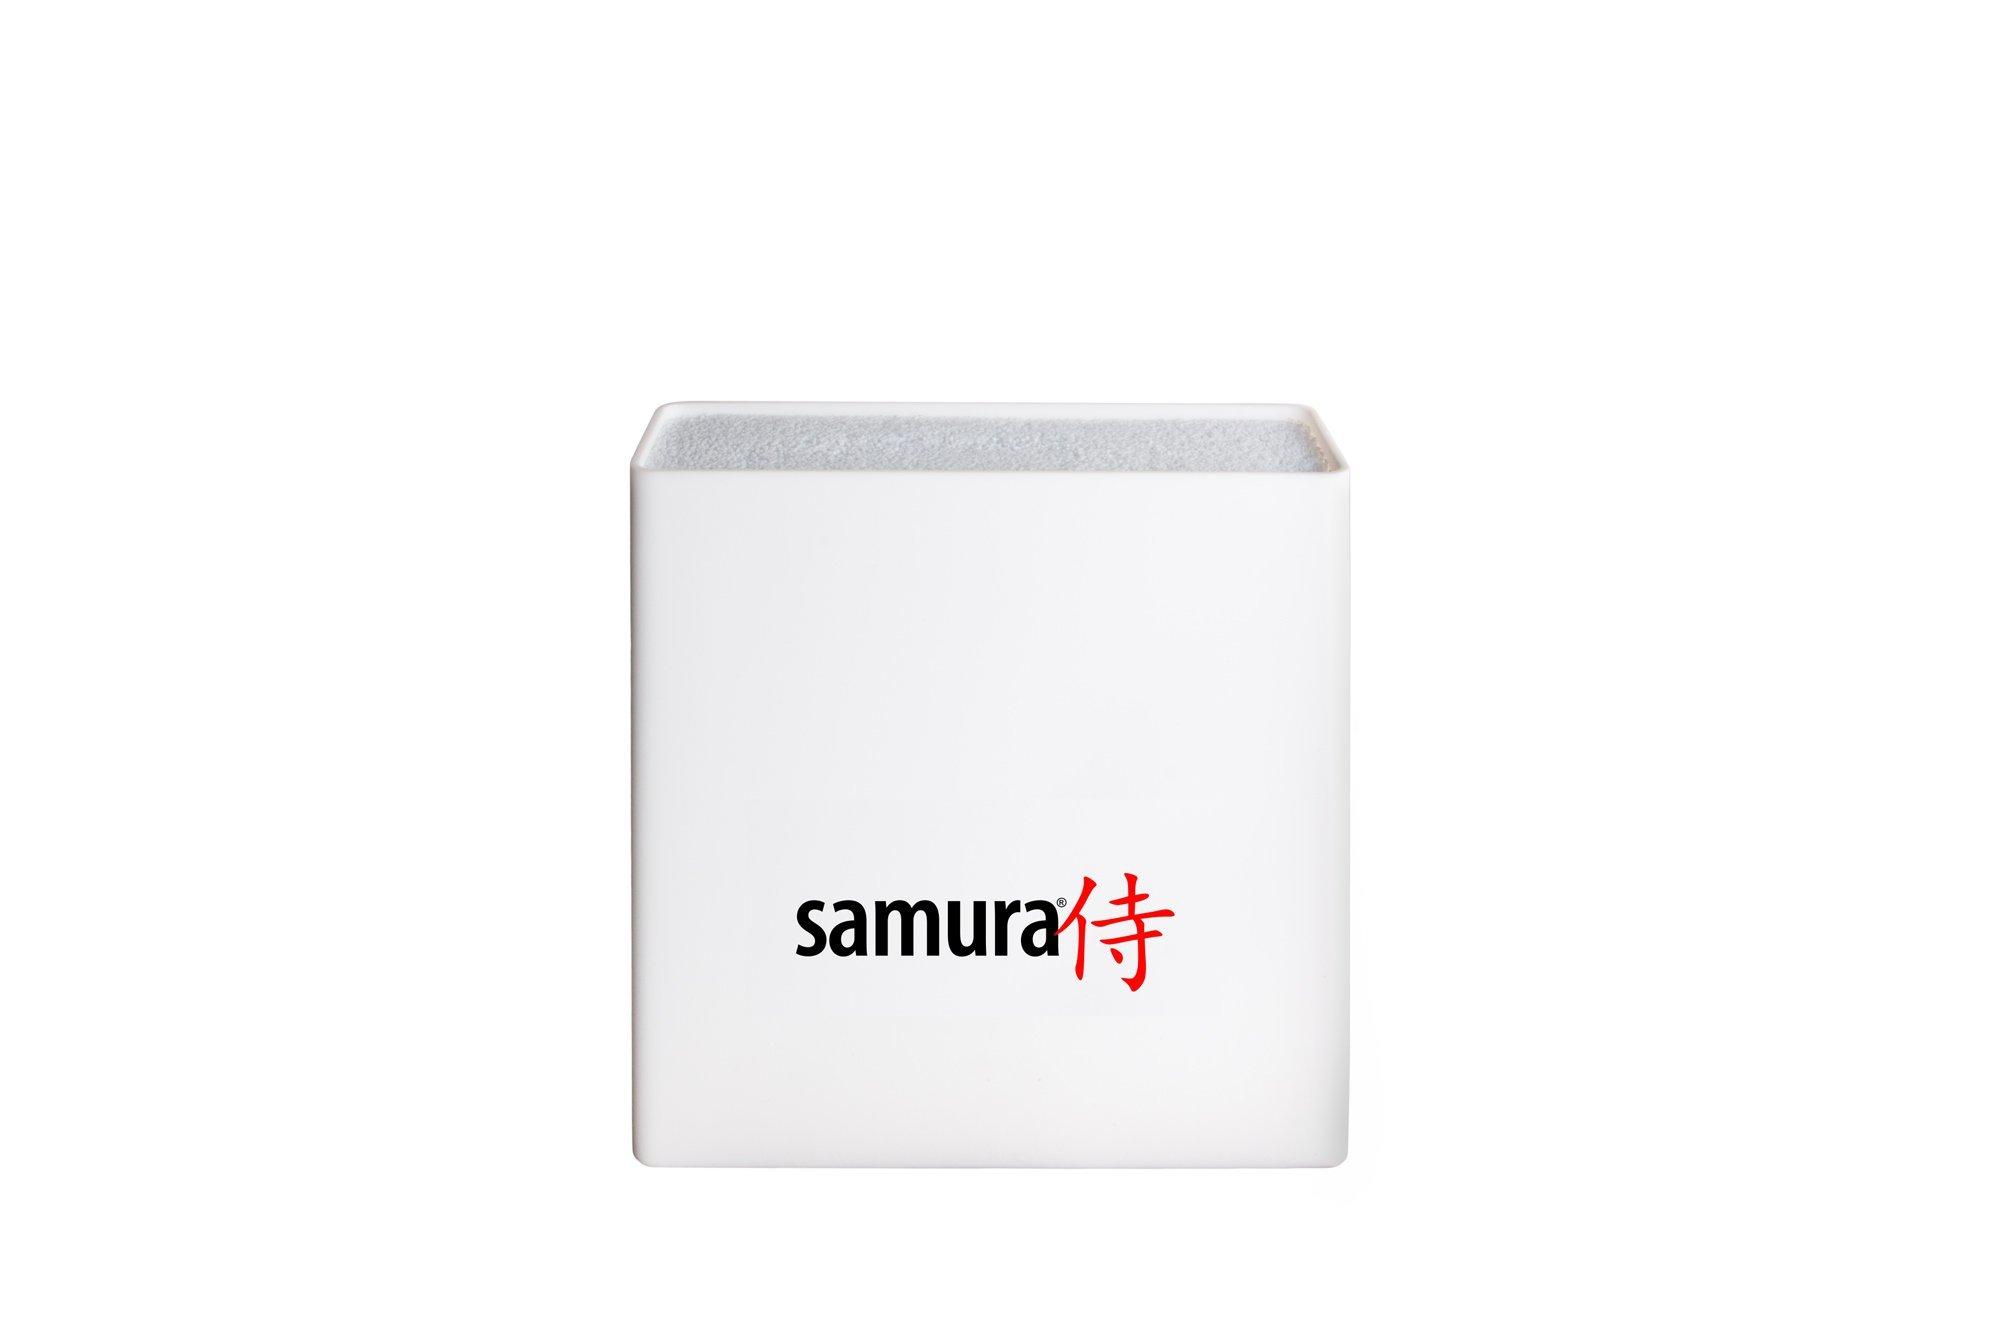 Подставка универсальная для ножей Samura, 230x225x82 мм, пластик (белая)